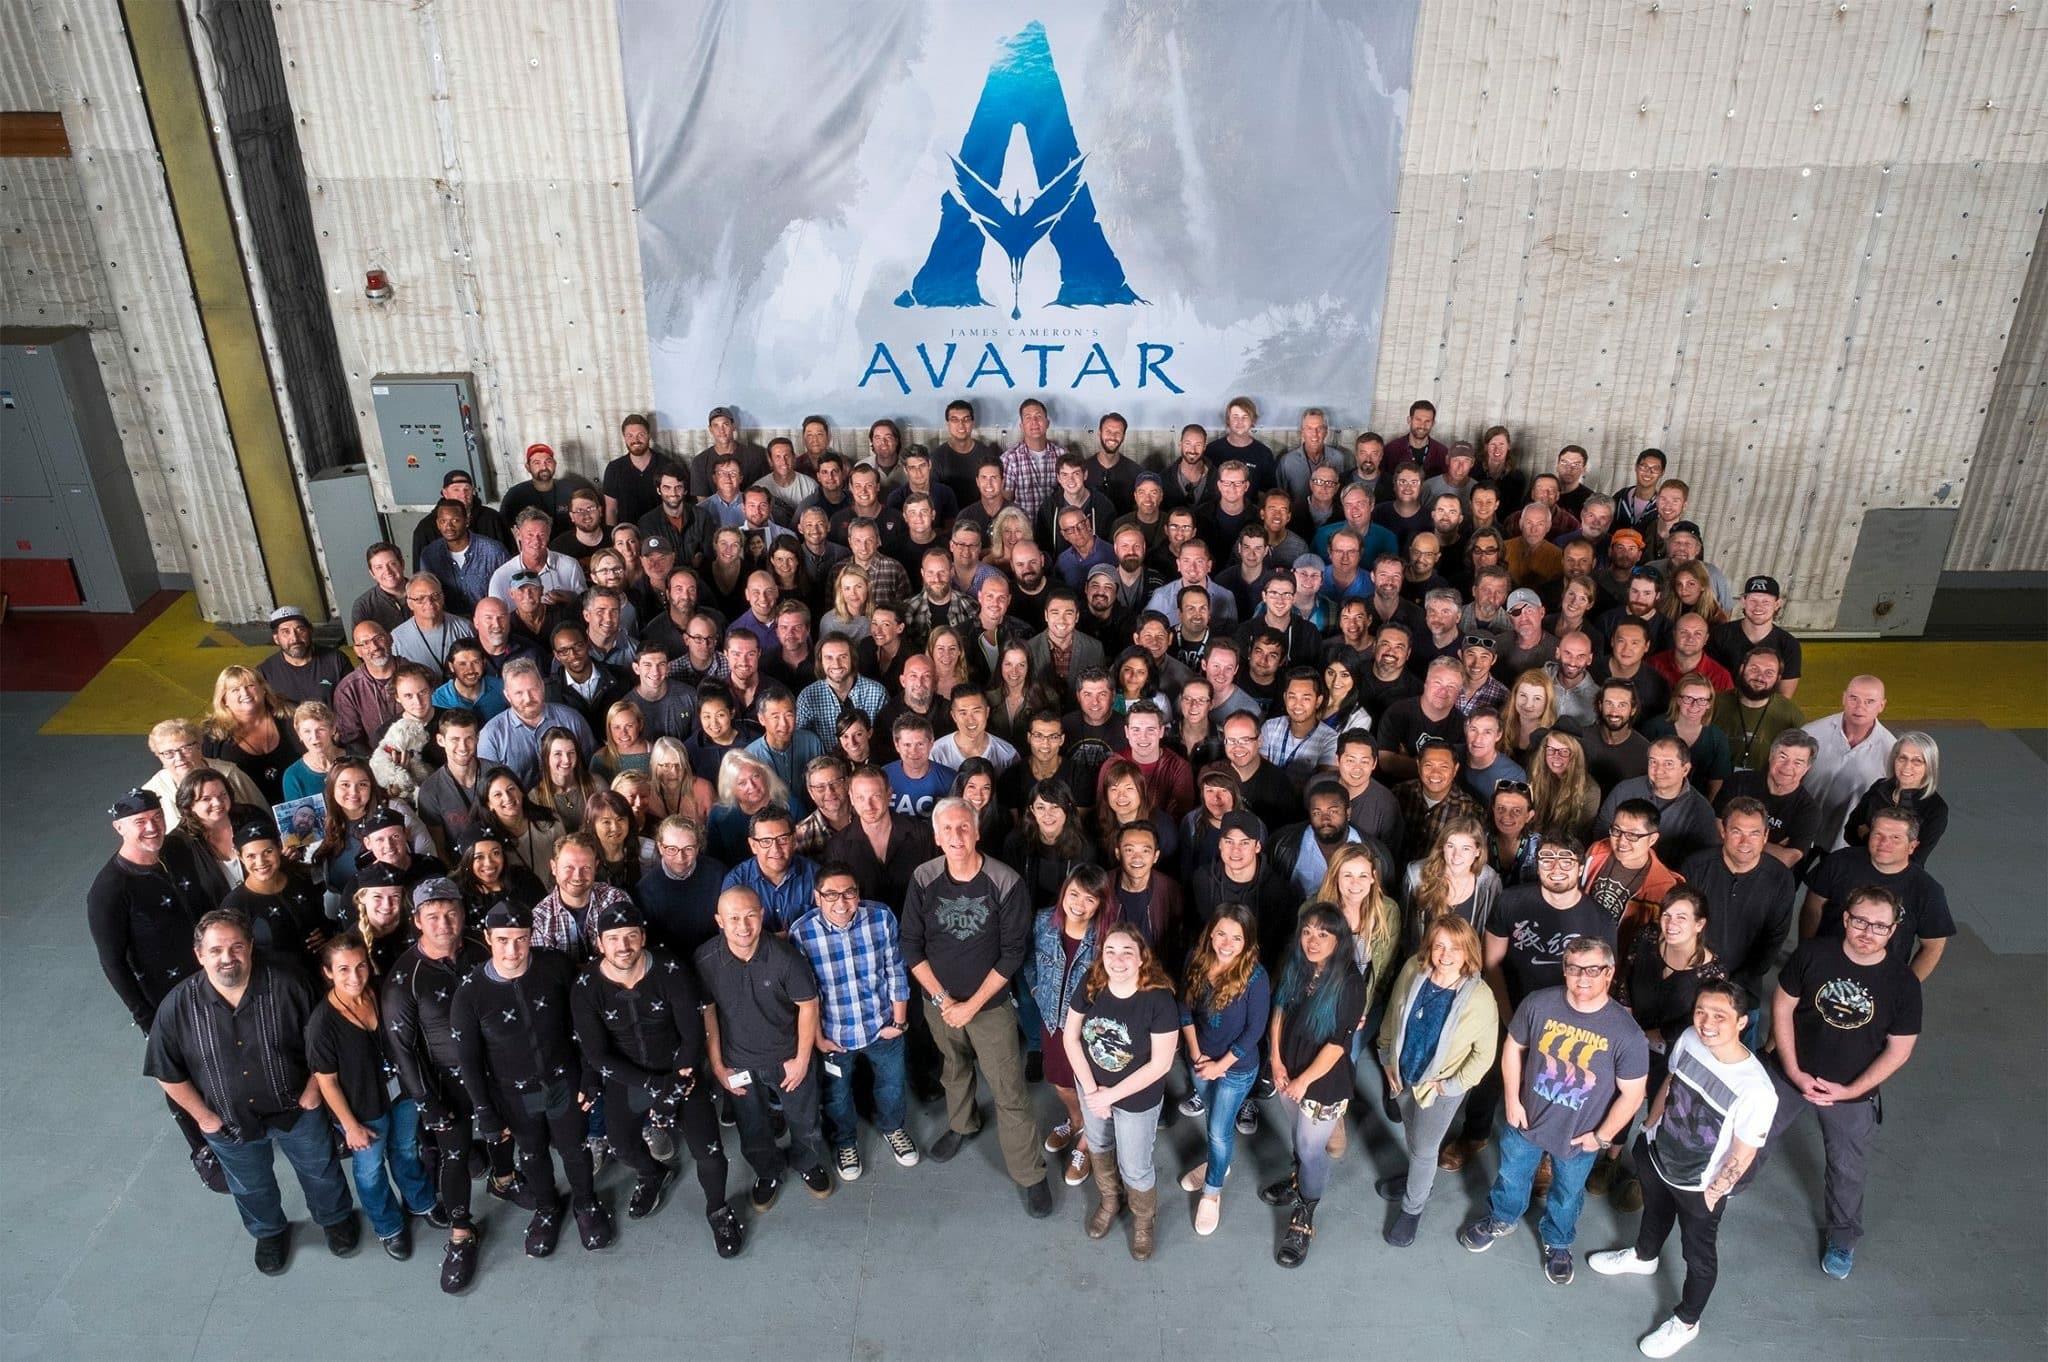 Prvá fotka štábu na pokračovanie Avatara! Niekoľko rokov si od seba neoddýchnu!